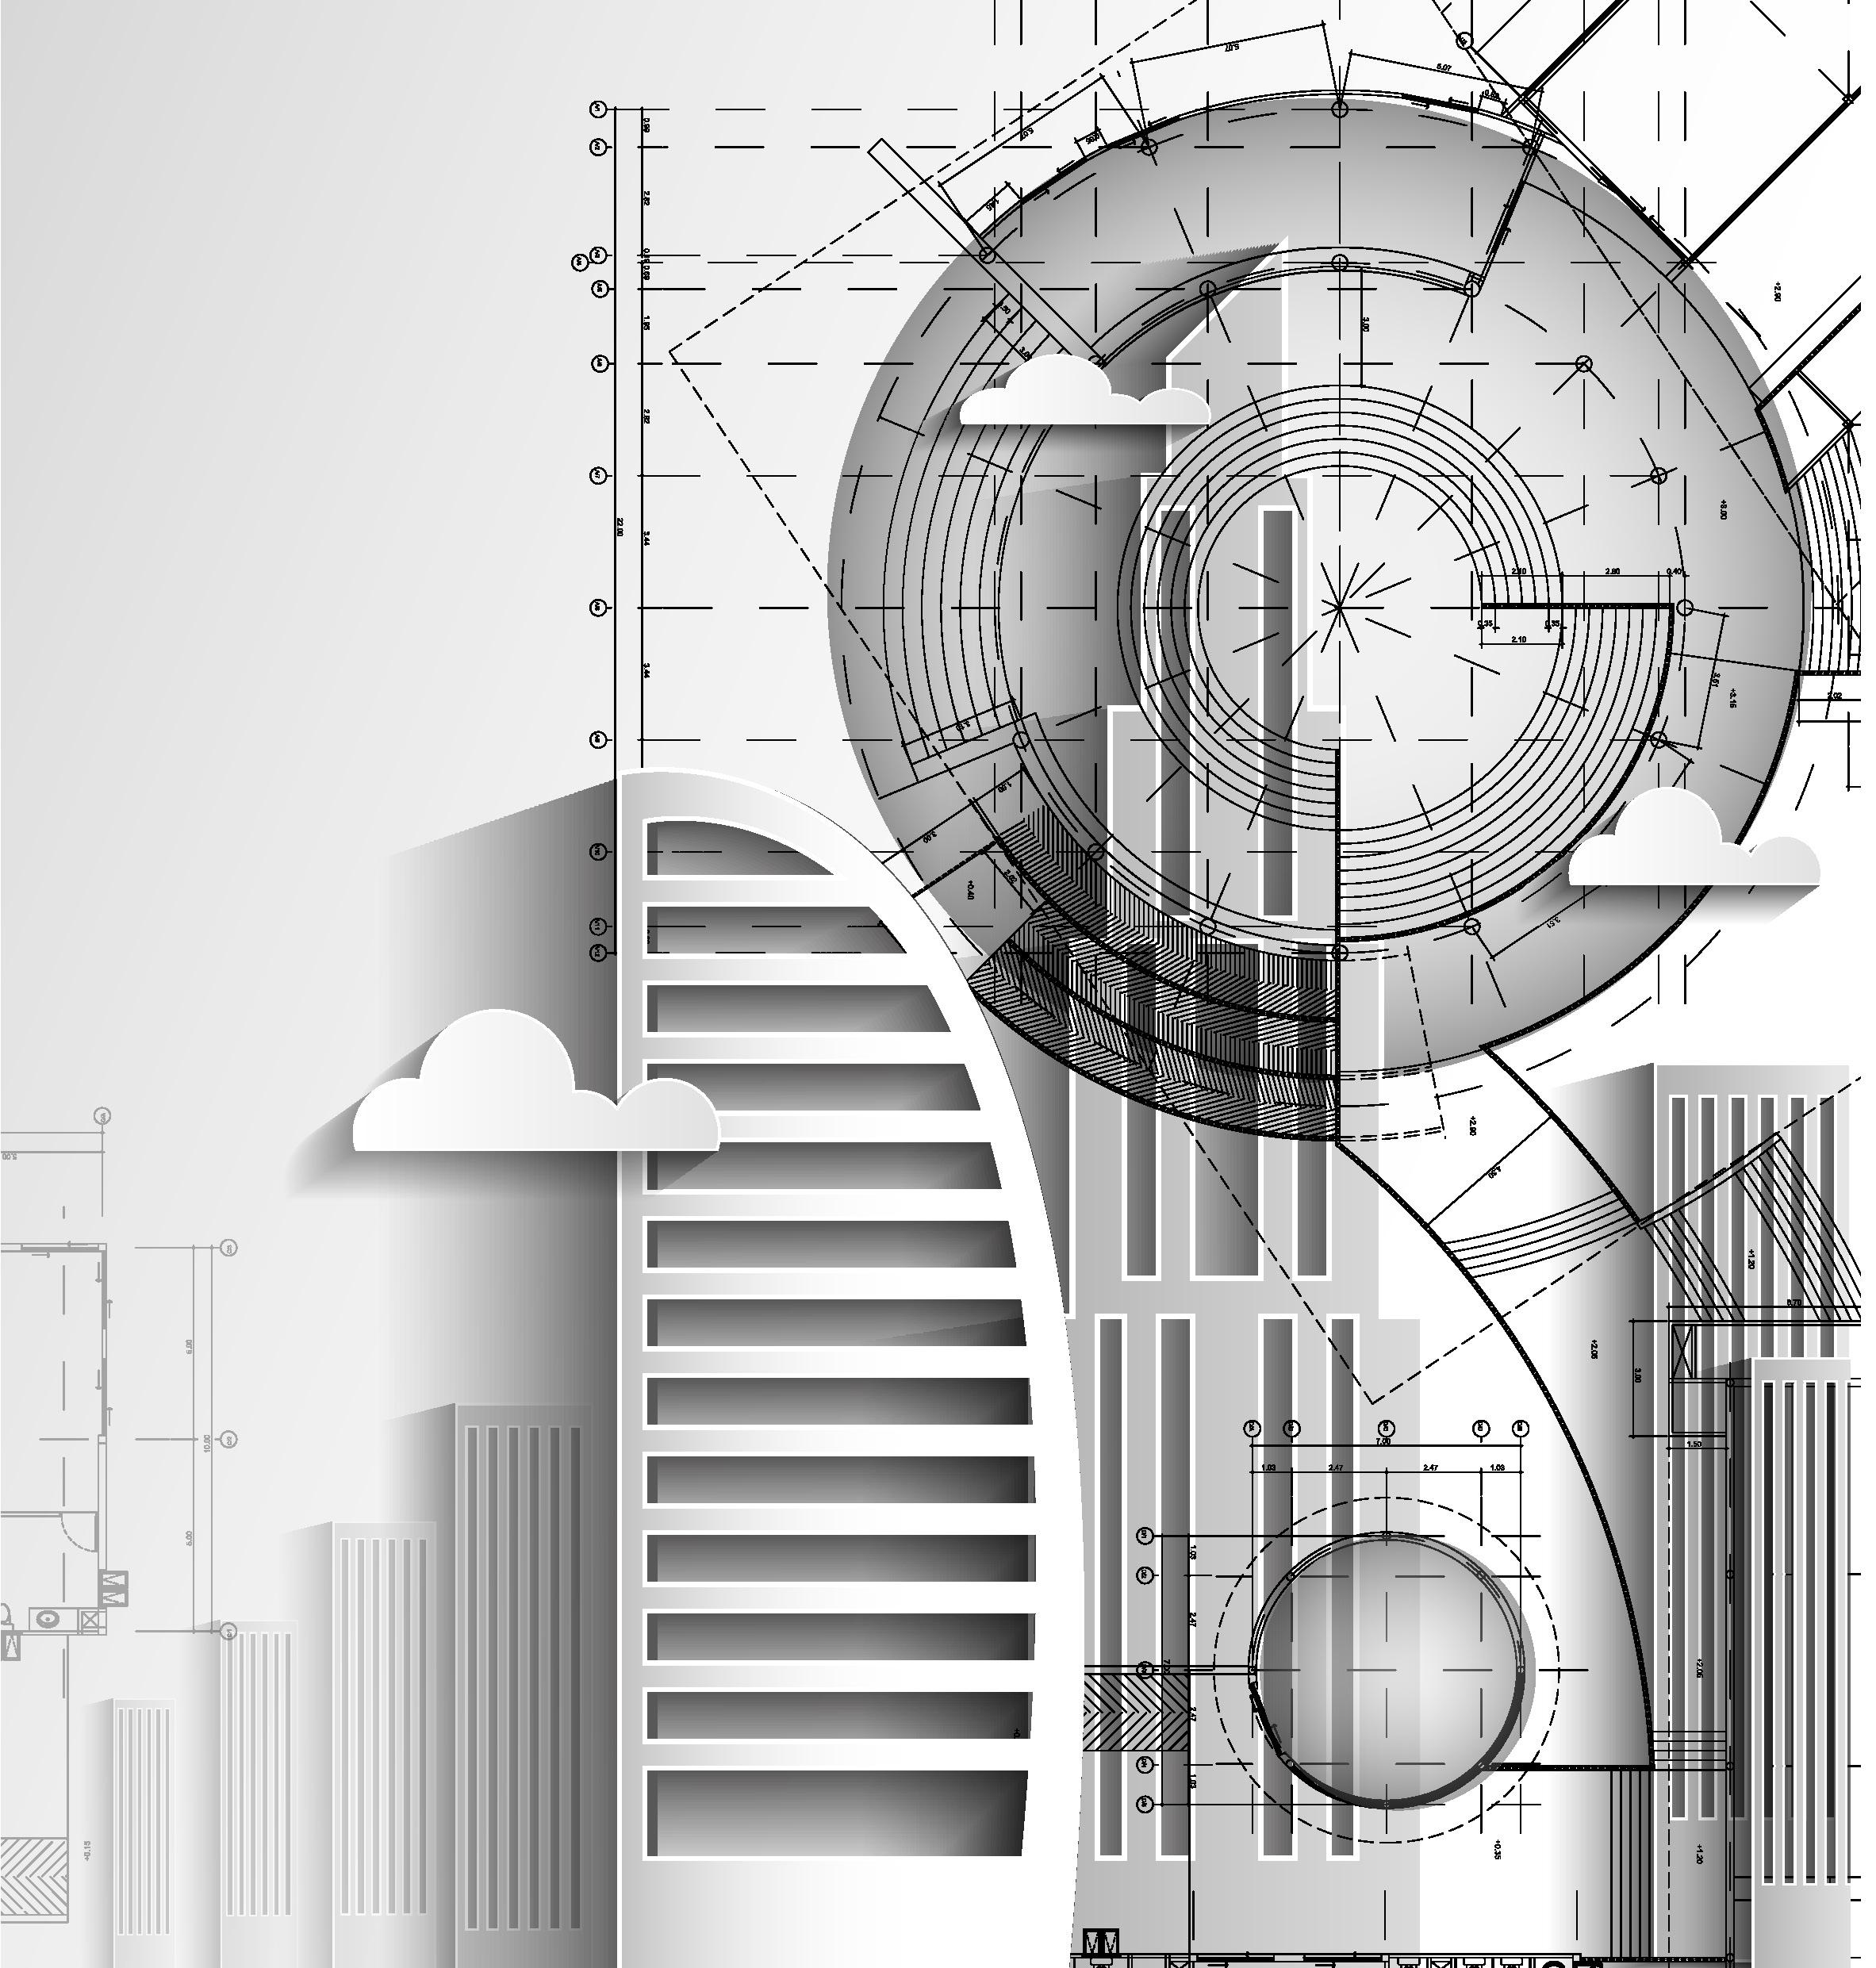 Fin de incorporación: Representación de Proyectos de Edificación